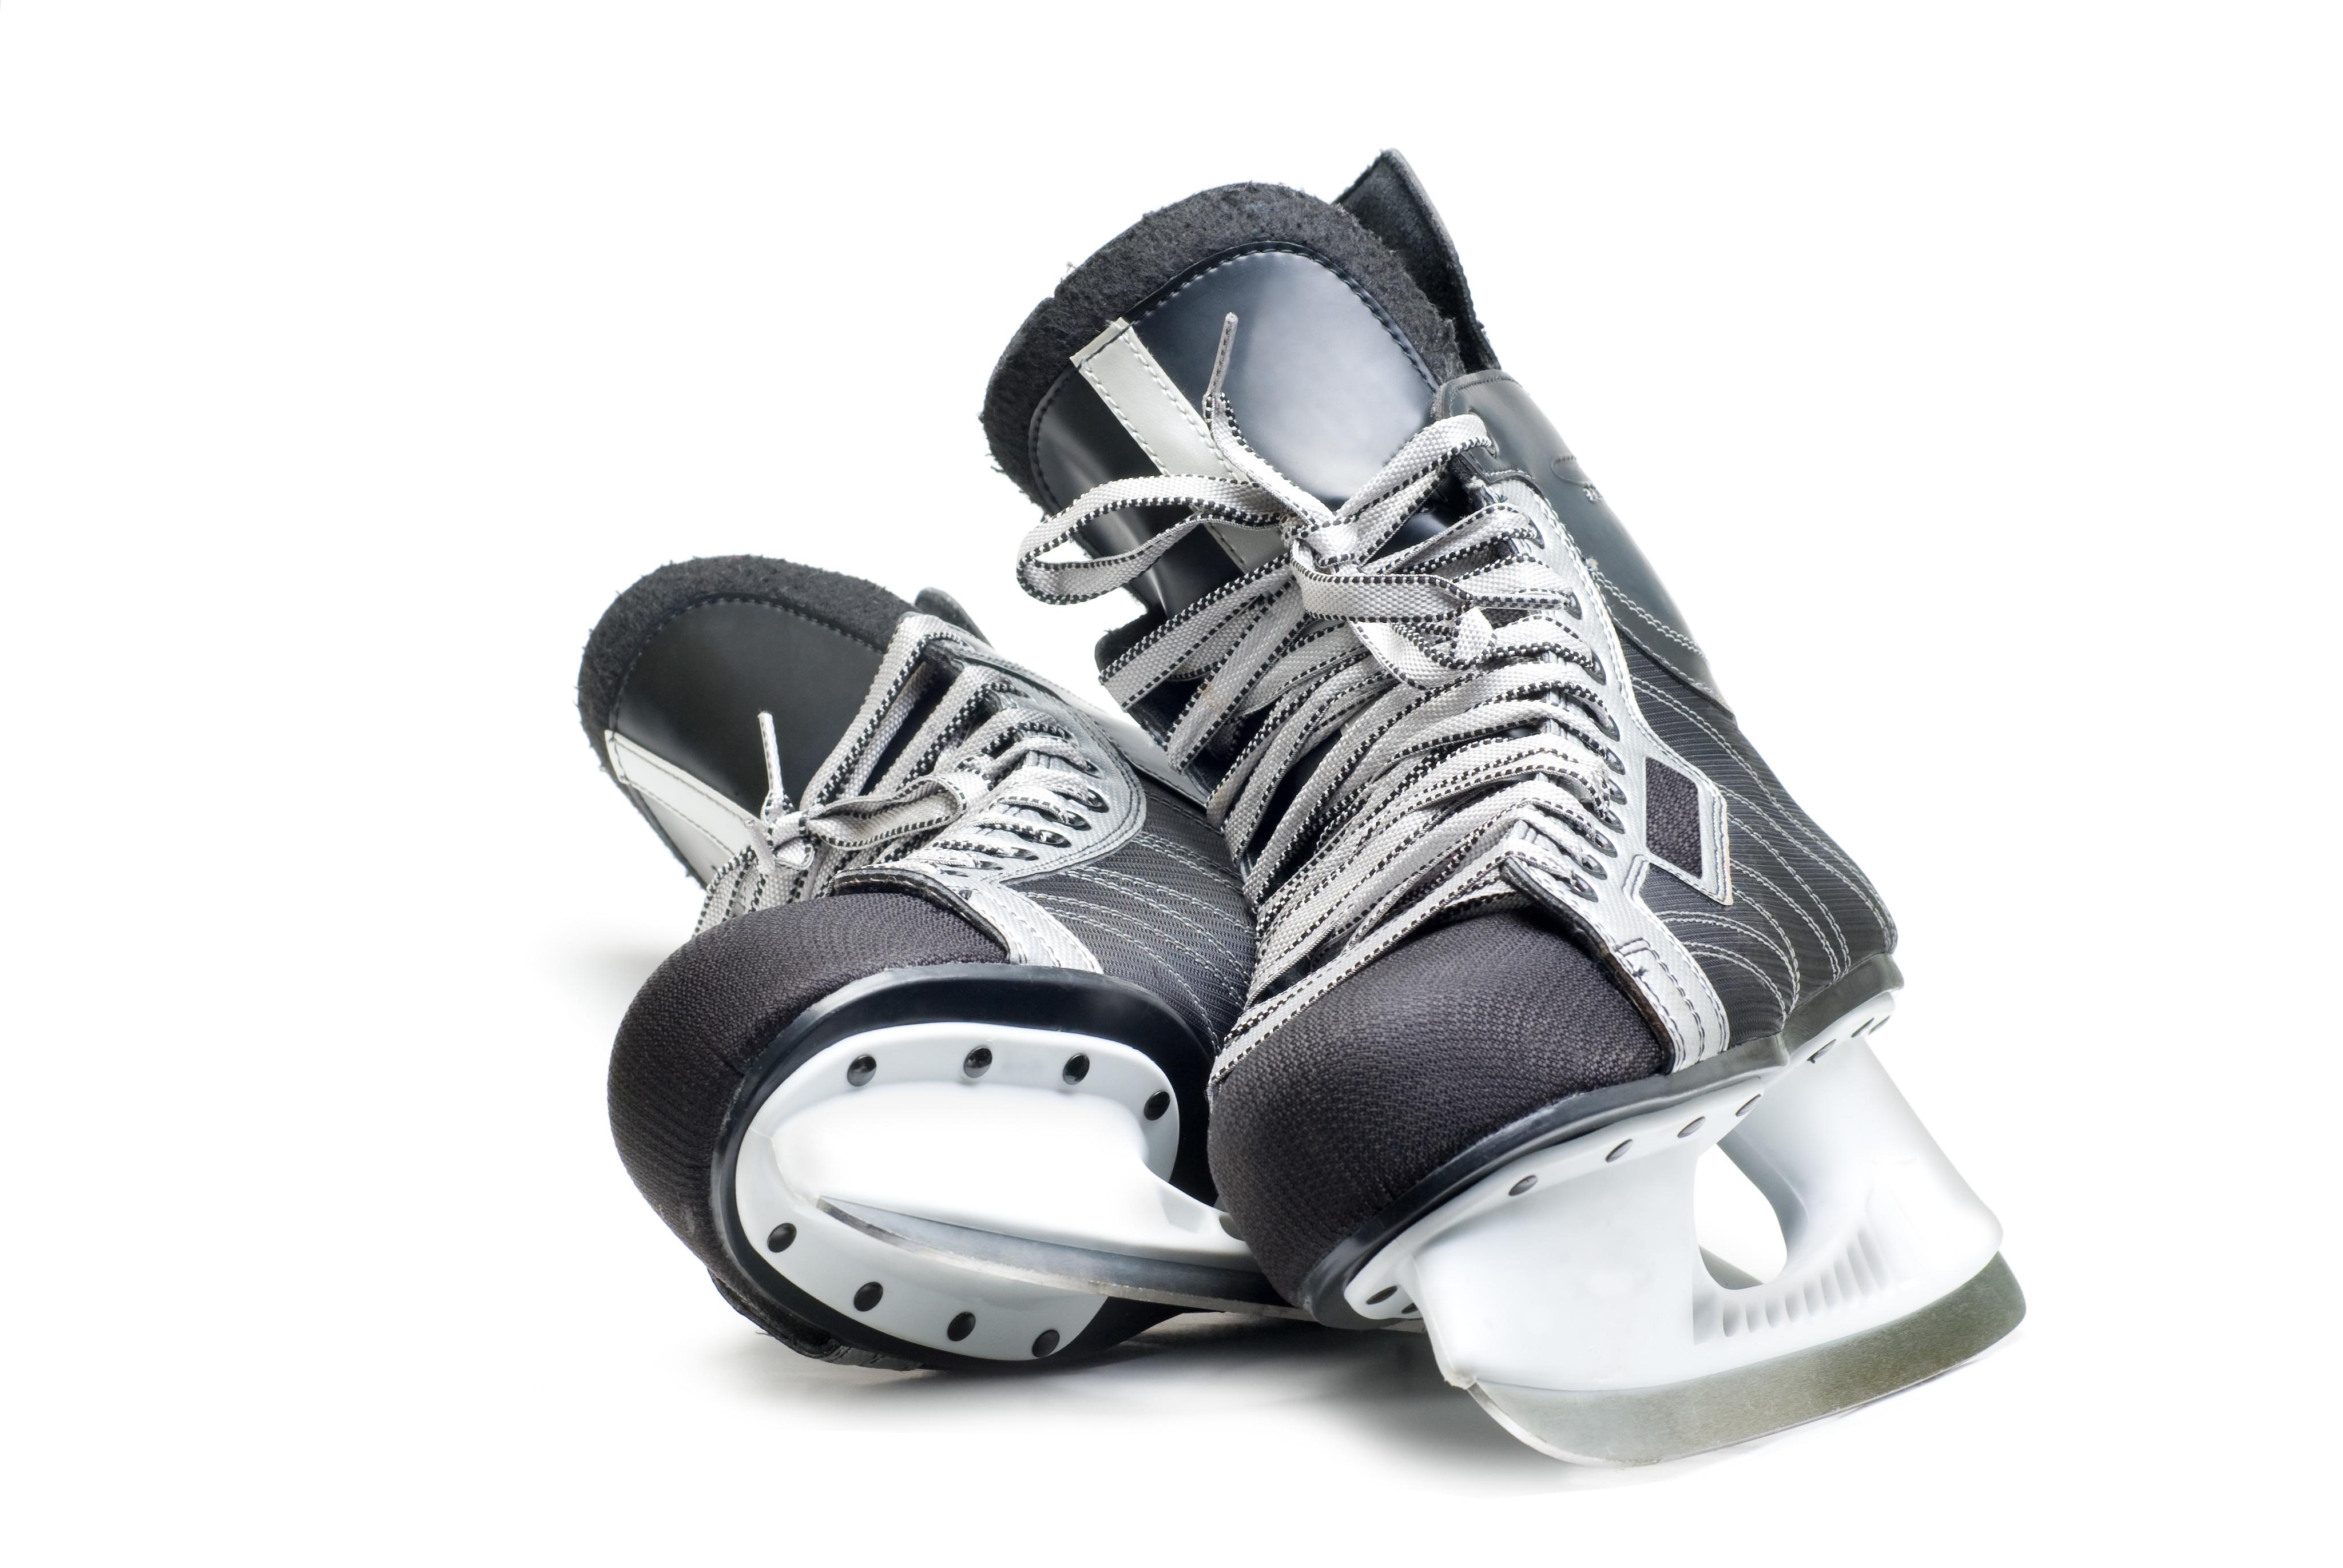 Man's hockey skates.